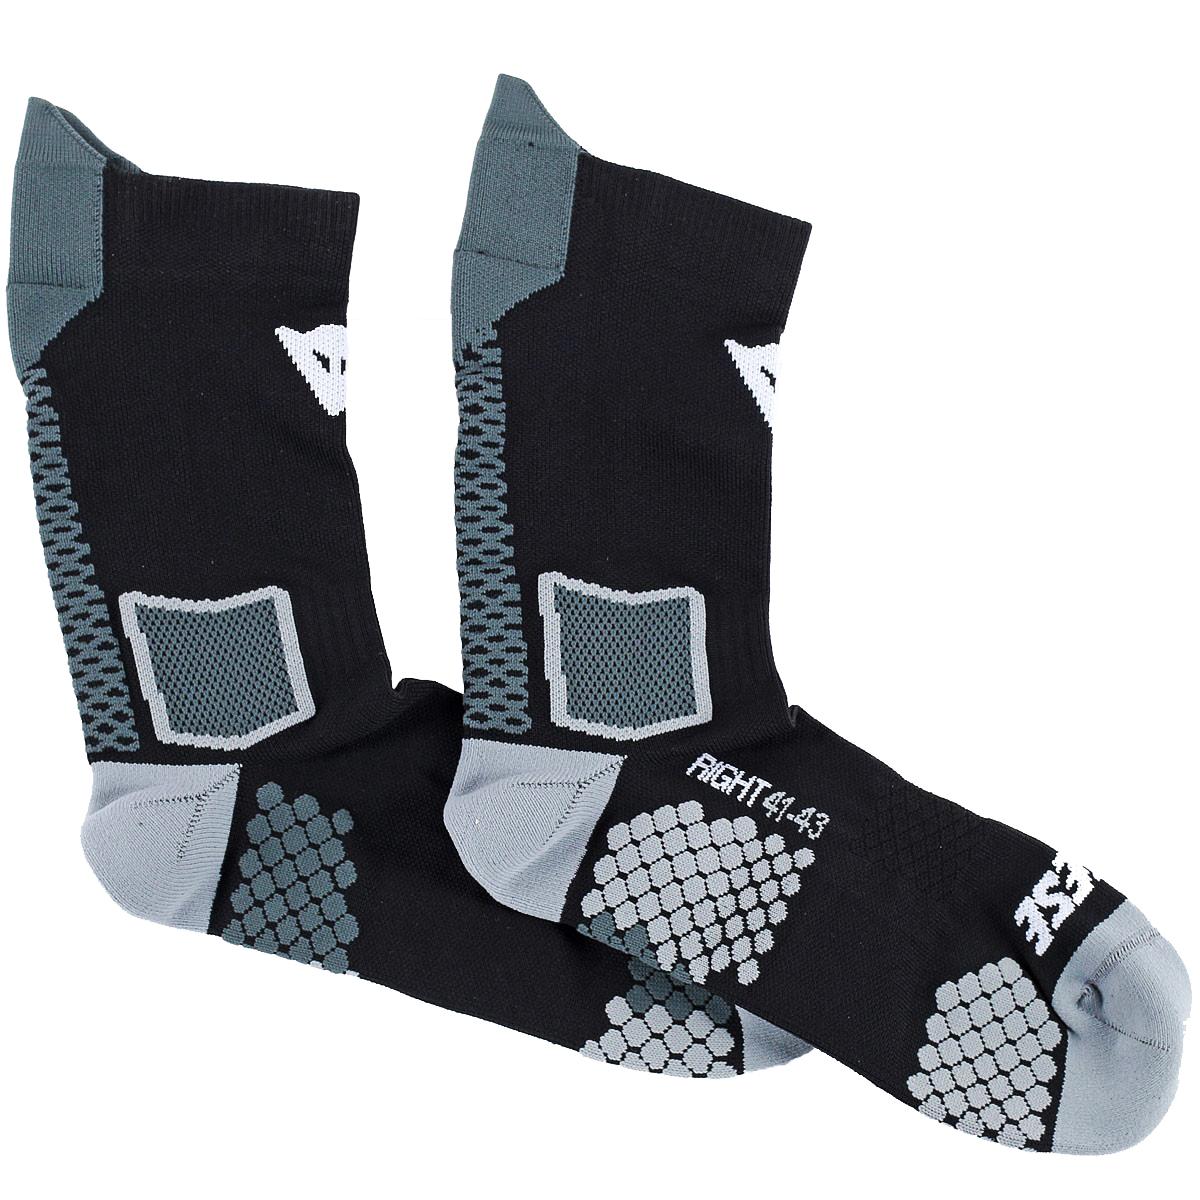 Socks-black-anthracite.jpg